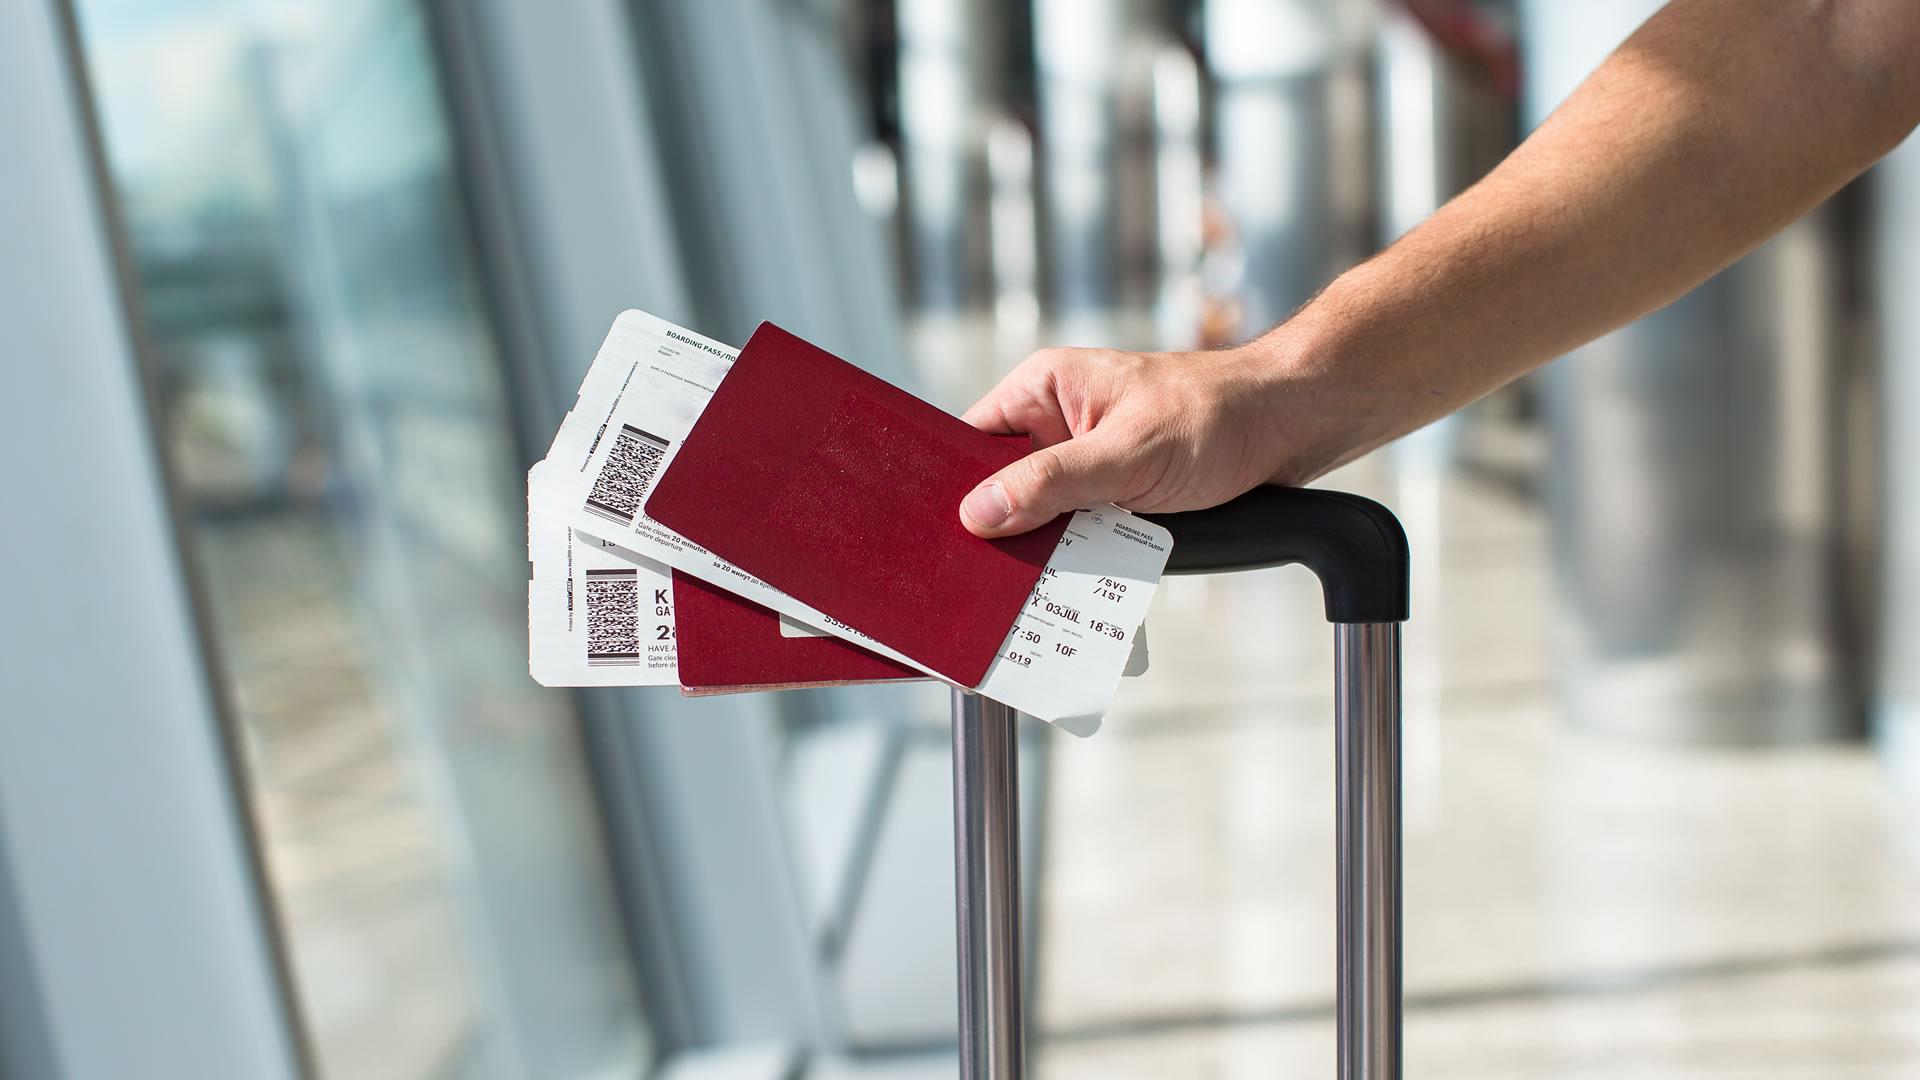 Pasajero con pasajes y pasaporte en mano en aeropuerto